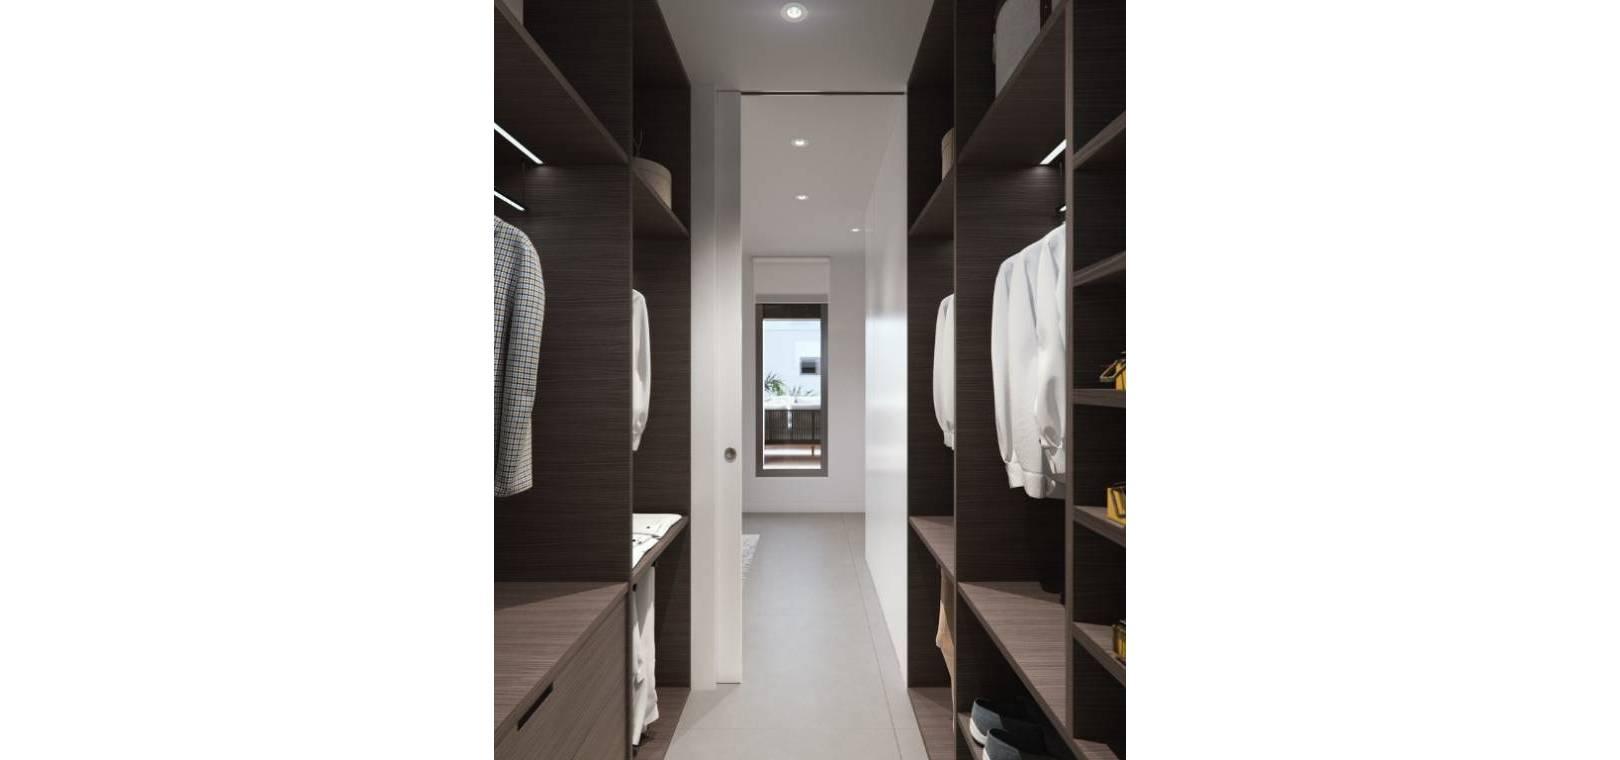 Torre_de_la_Horadada_New_Build_Luxury_Villas_For_Sale_nsp257_19